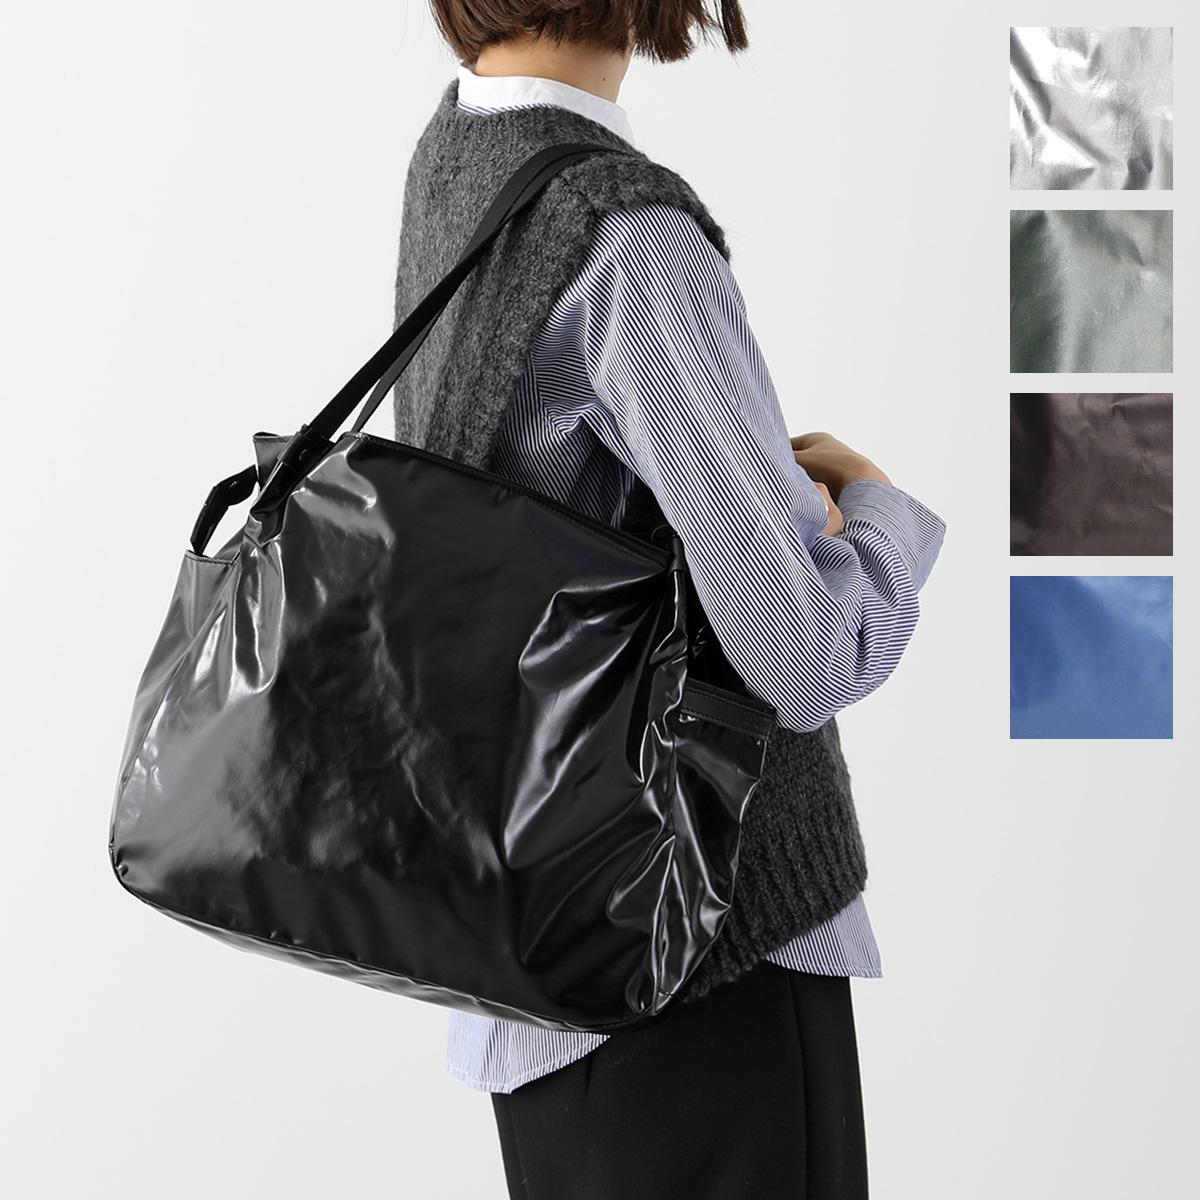 グッドプライス 2021年春夏新作 jack gomme 35%OFF ジャックゴム 1566 LEVANT カラー4色 レバント 軽量 メンズ 鞄 コーティング LIGHTシリーズ トートバッグ レディース 2021ss ポーチ付き 上品